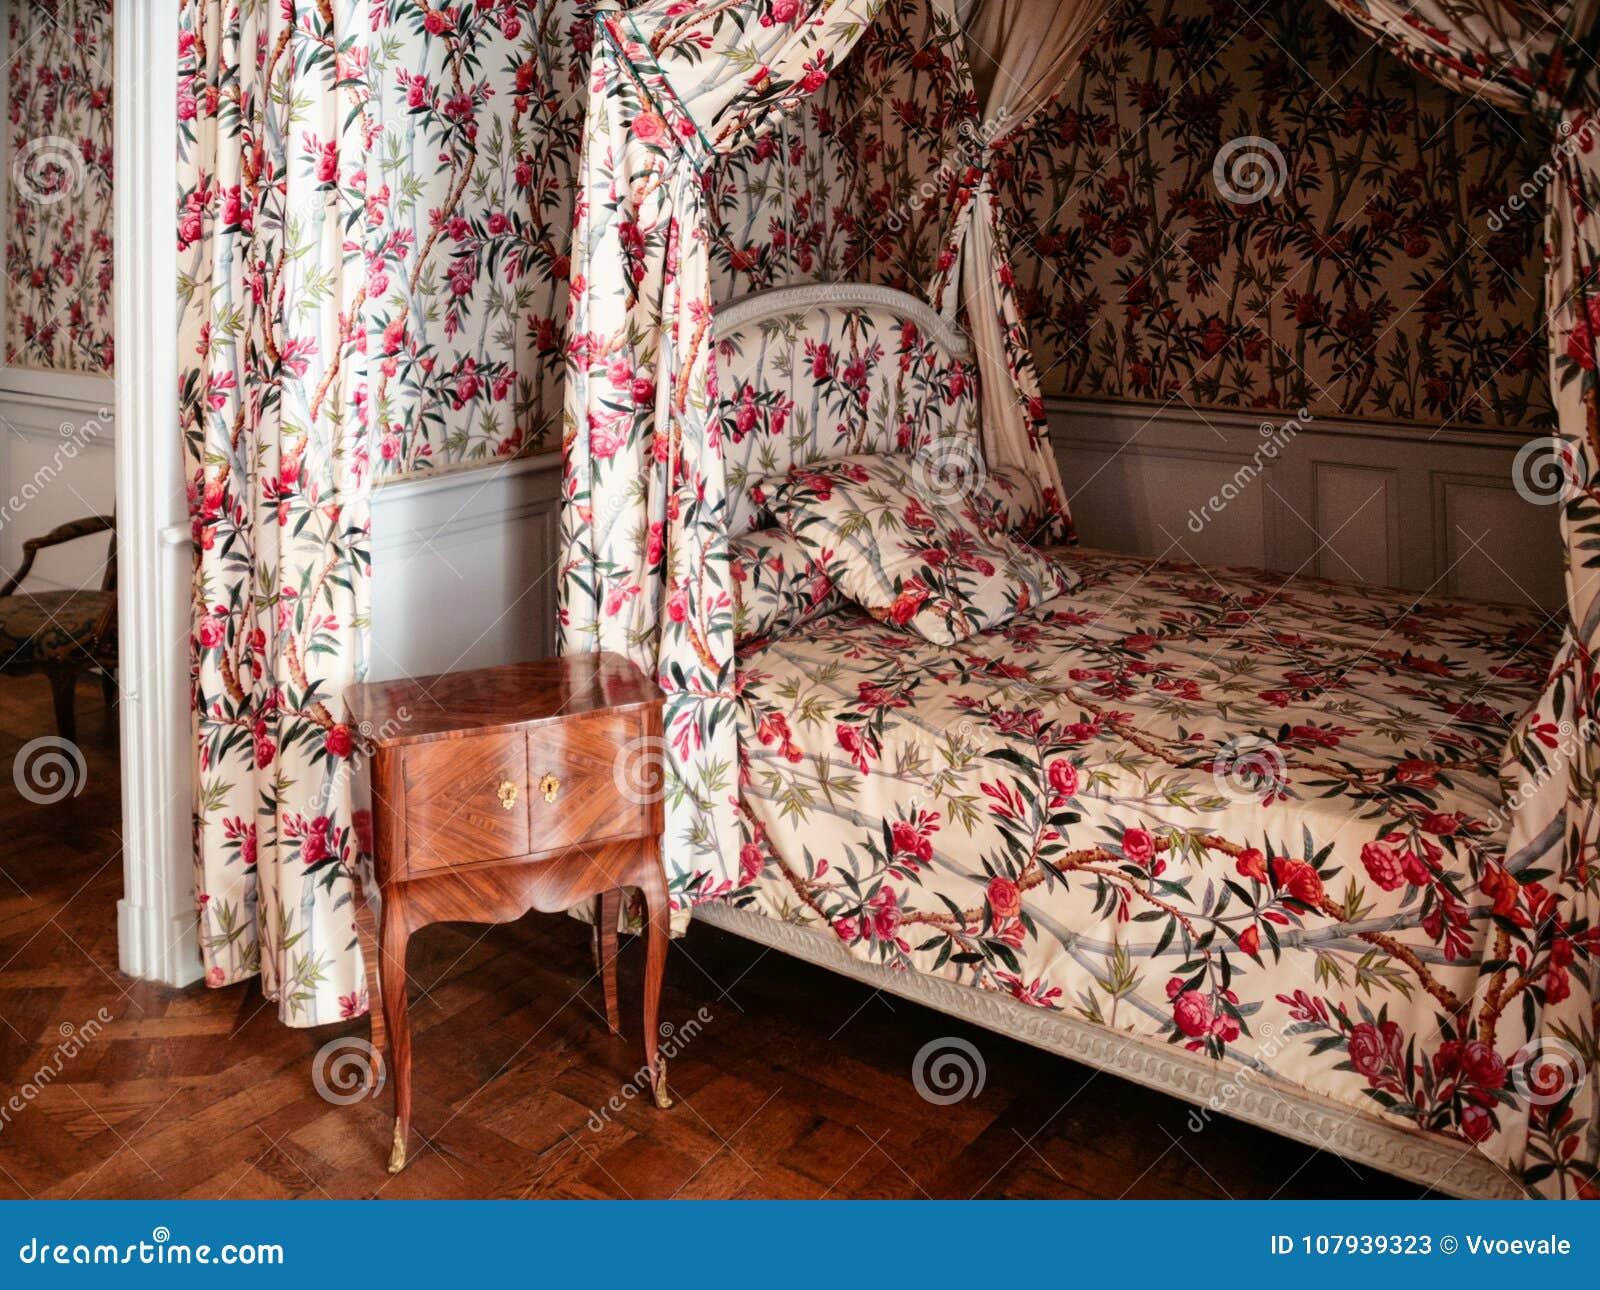 Letto A Castello Camera Da Letto.Camera Da Letto In Castello Chateau De Chambord In Frace